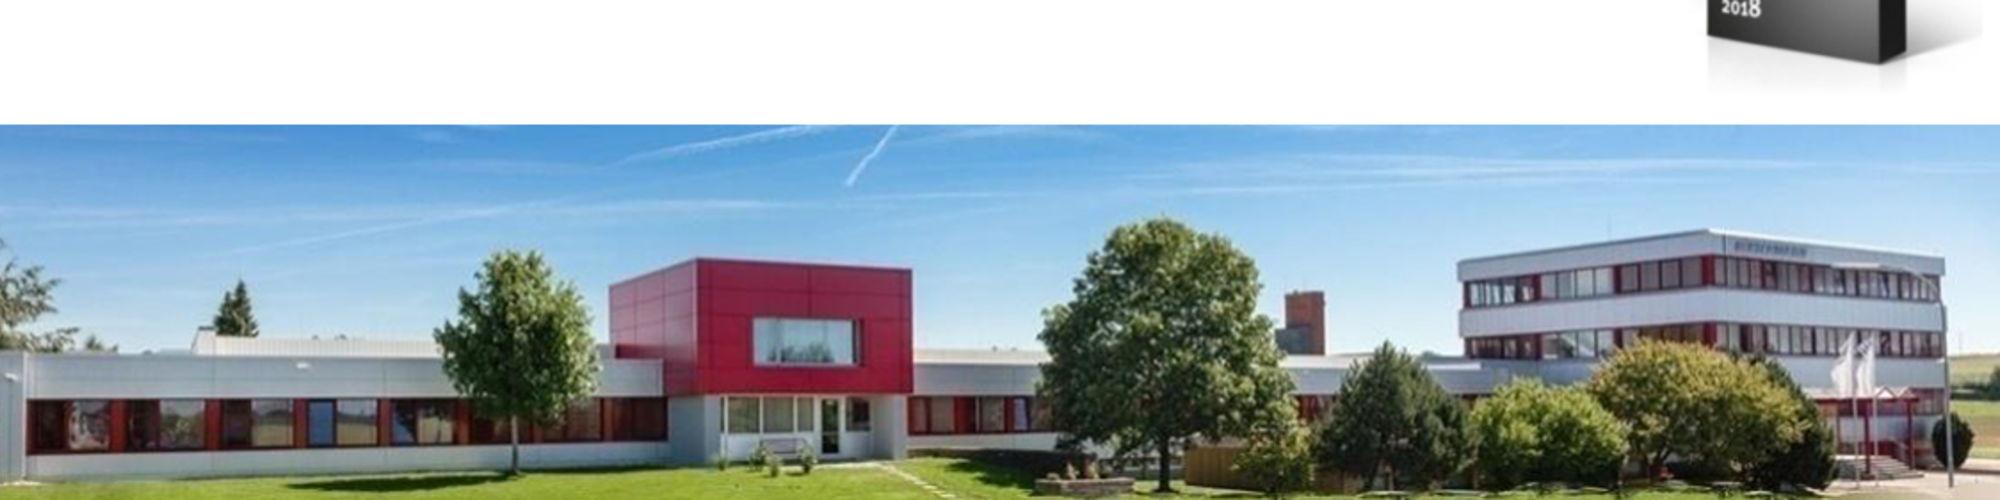 HIRSCHMANN GmbH  cover image